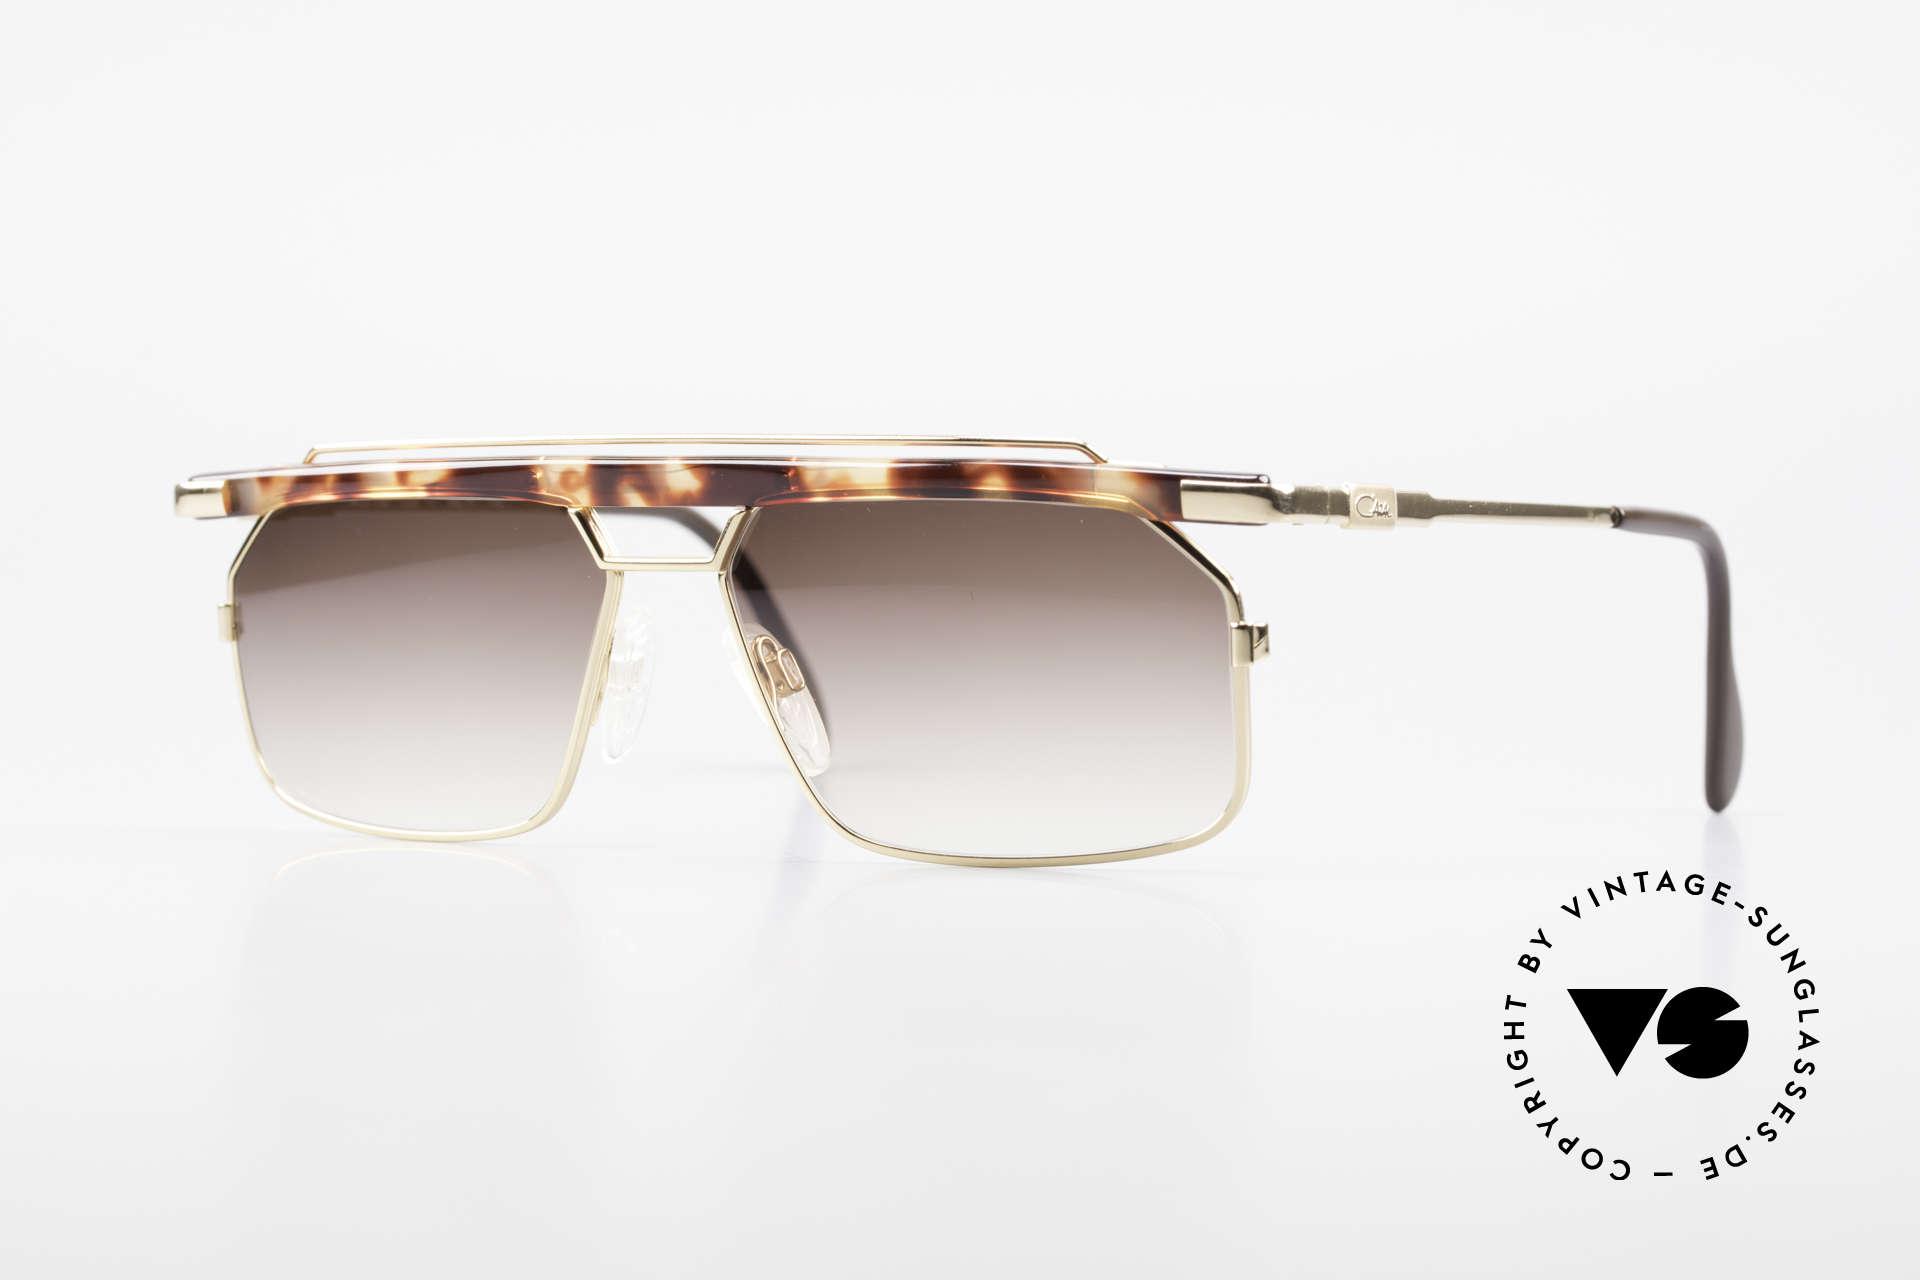 Cazal 752 Ultra Rare Vintage Shades 90's, extraordinary & striking Cazal shades from 1993, Made for Men